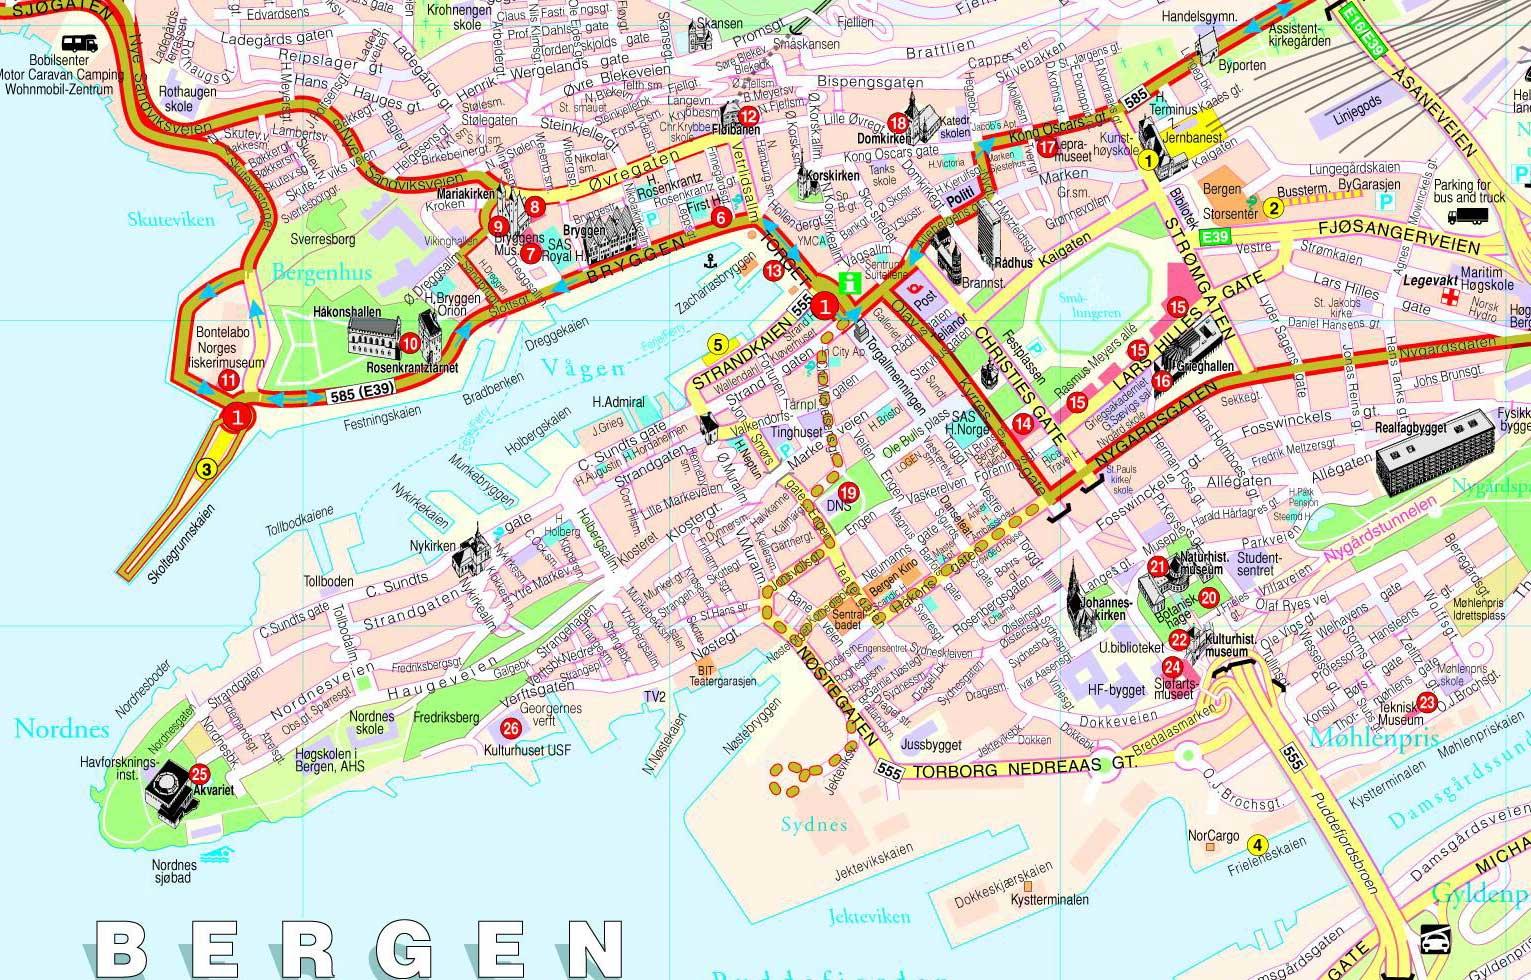 kart bergen by Kart over Norge By Regional Provinsen kart bergen by